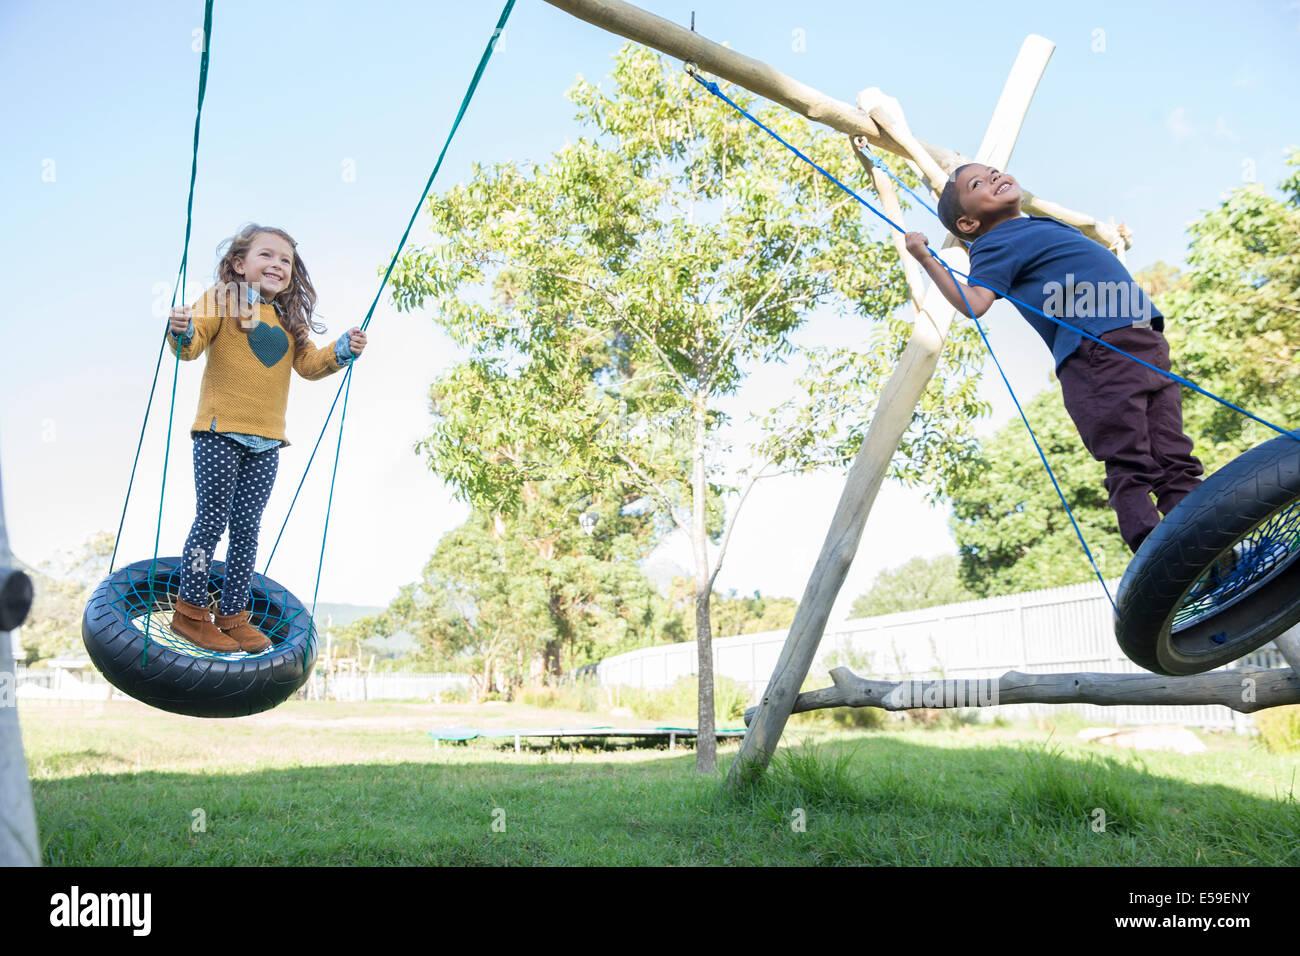 Niños jugando en columpios de neumático Imagen De Stock